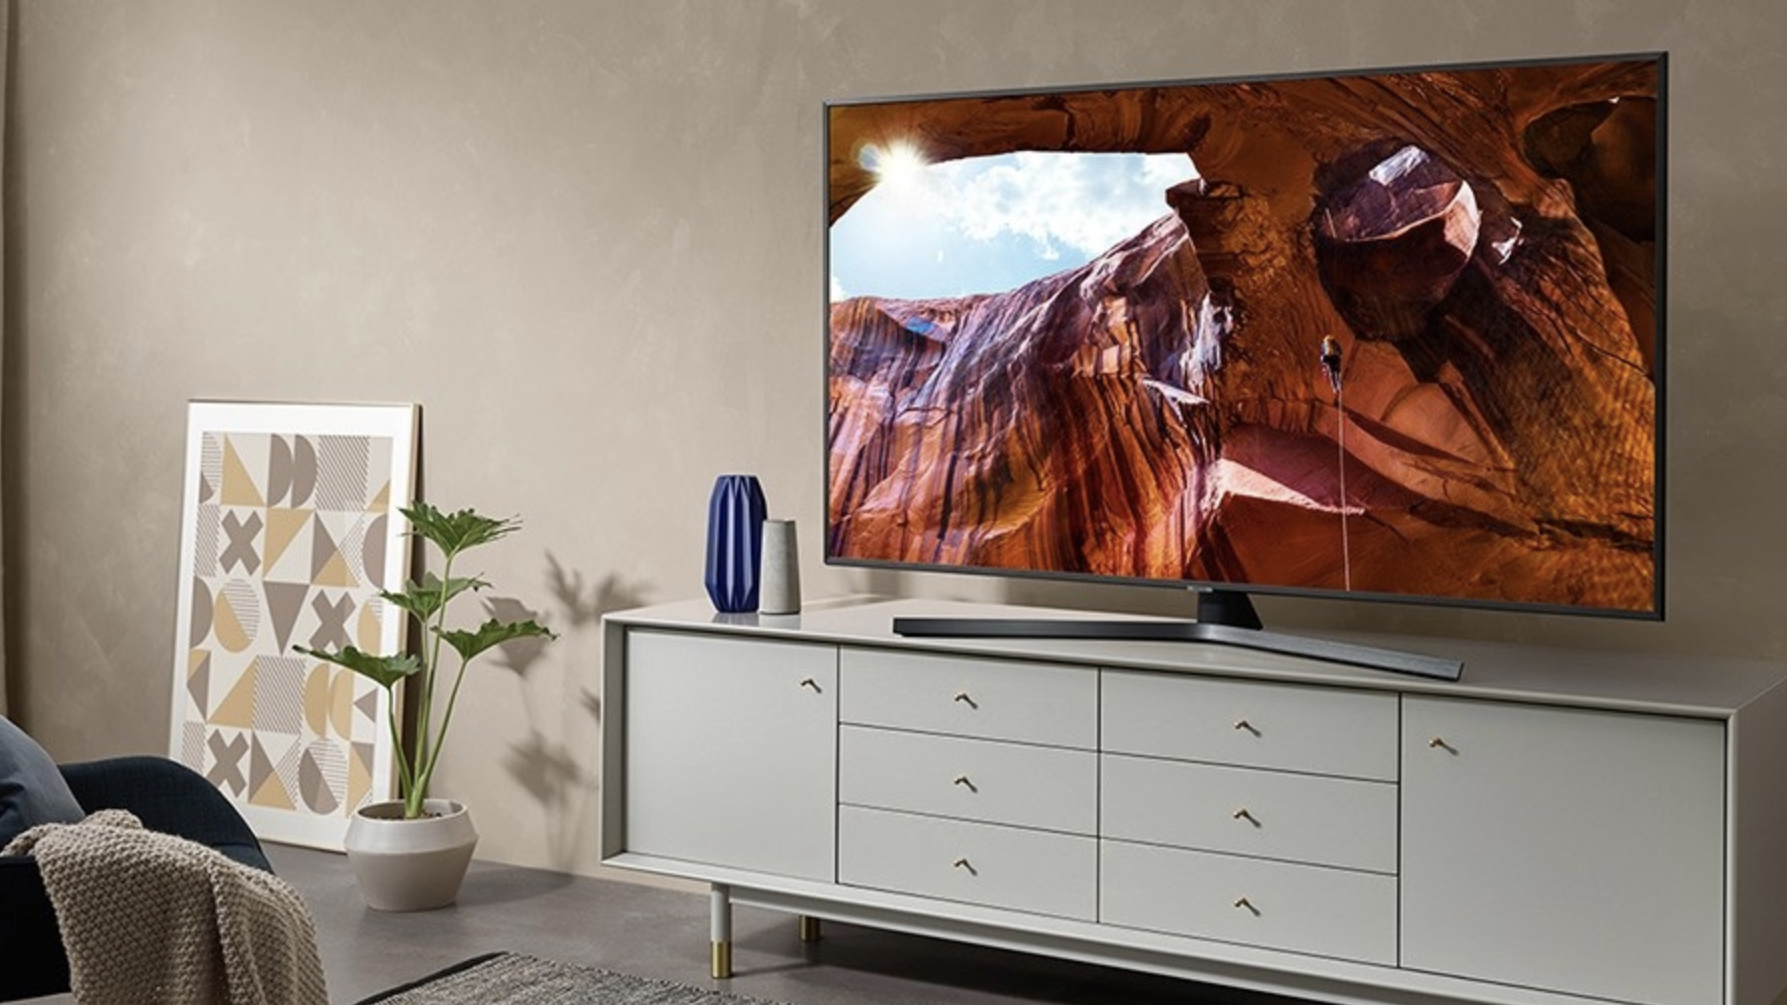 سامسونگ و ال جی پرفروشترین سازندگان تلویزیون در سه ماهه سوم ۲۰۲۰